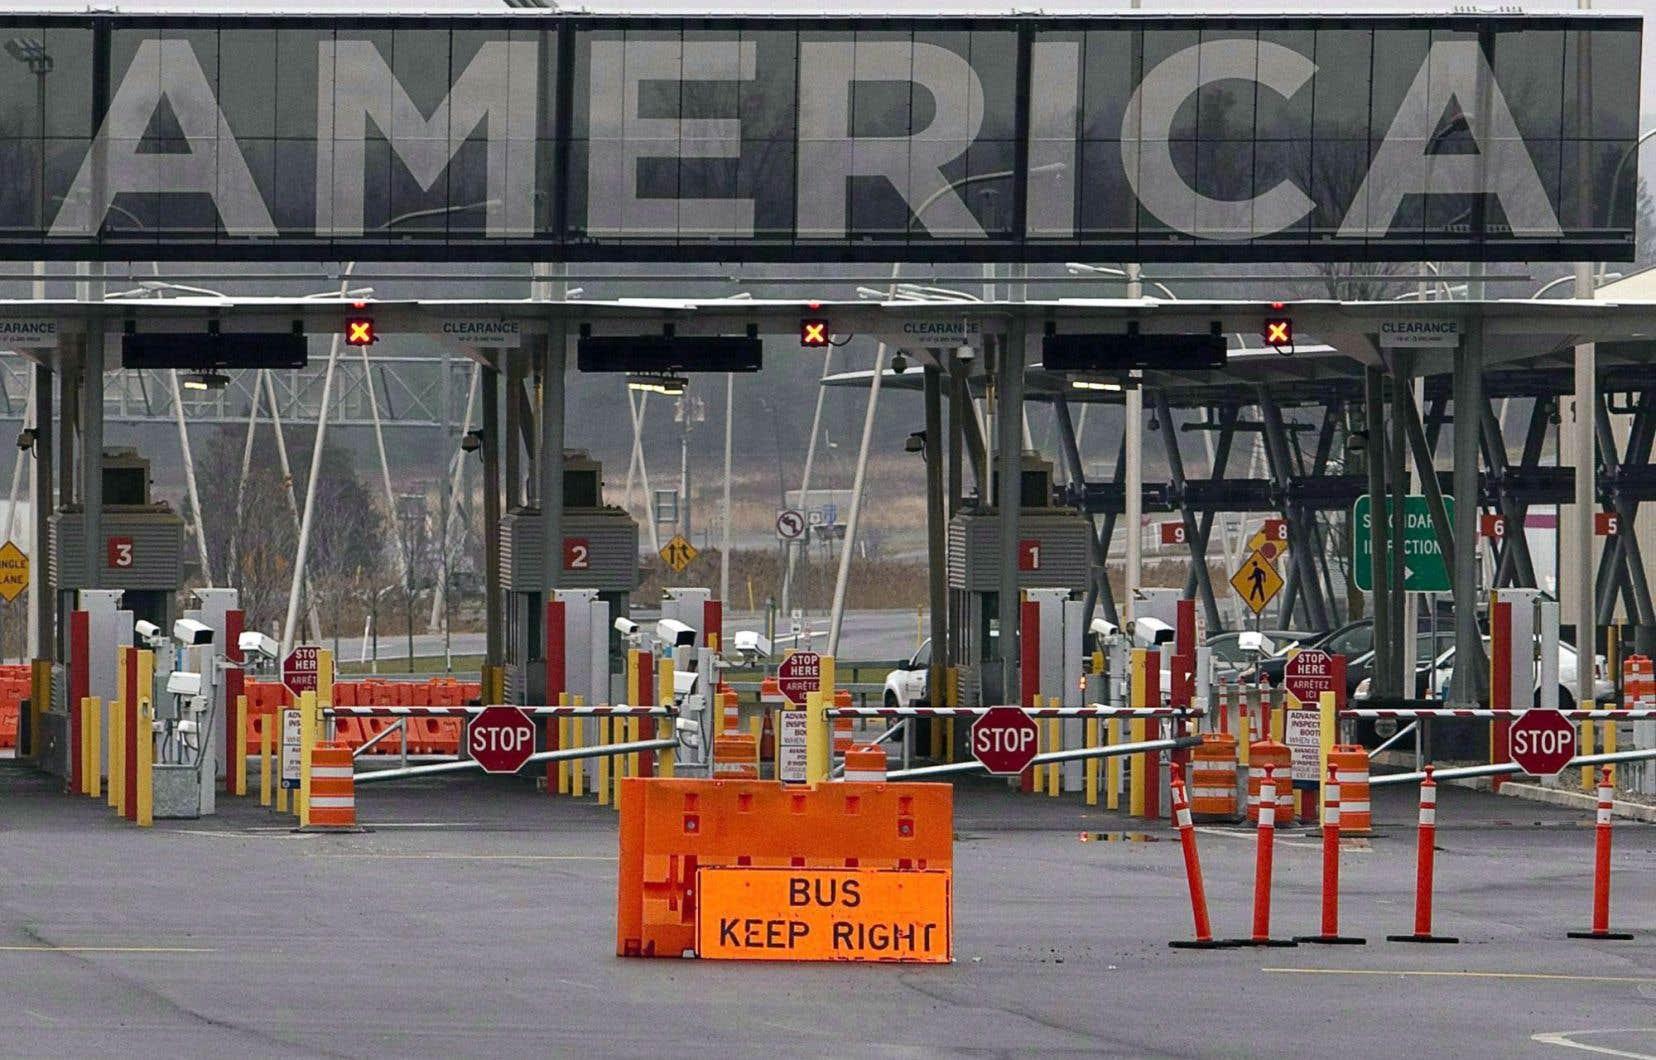 Des groupes de défense des réfugiés veulent convaincre Ottawa de suspendre l'entente avec Washington puisque les Américains ne garantissent plus une protection adéquate aux demandeurs d'asile.